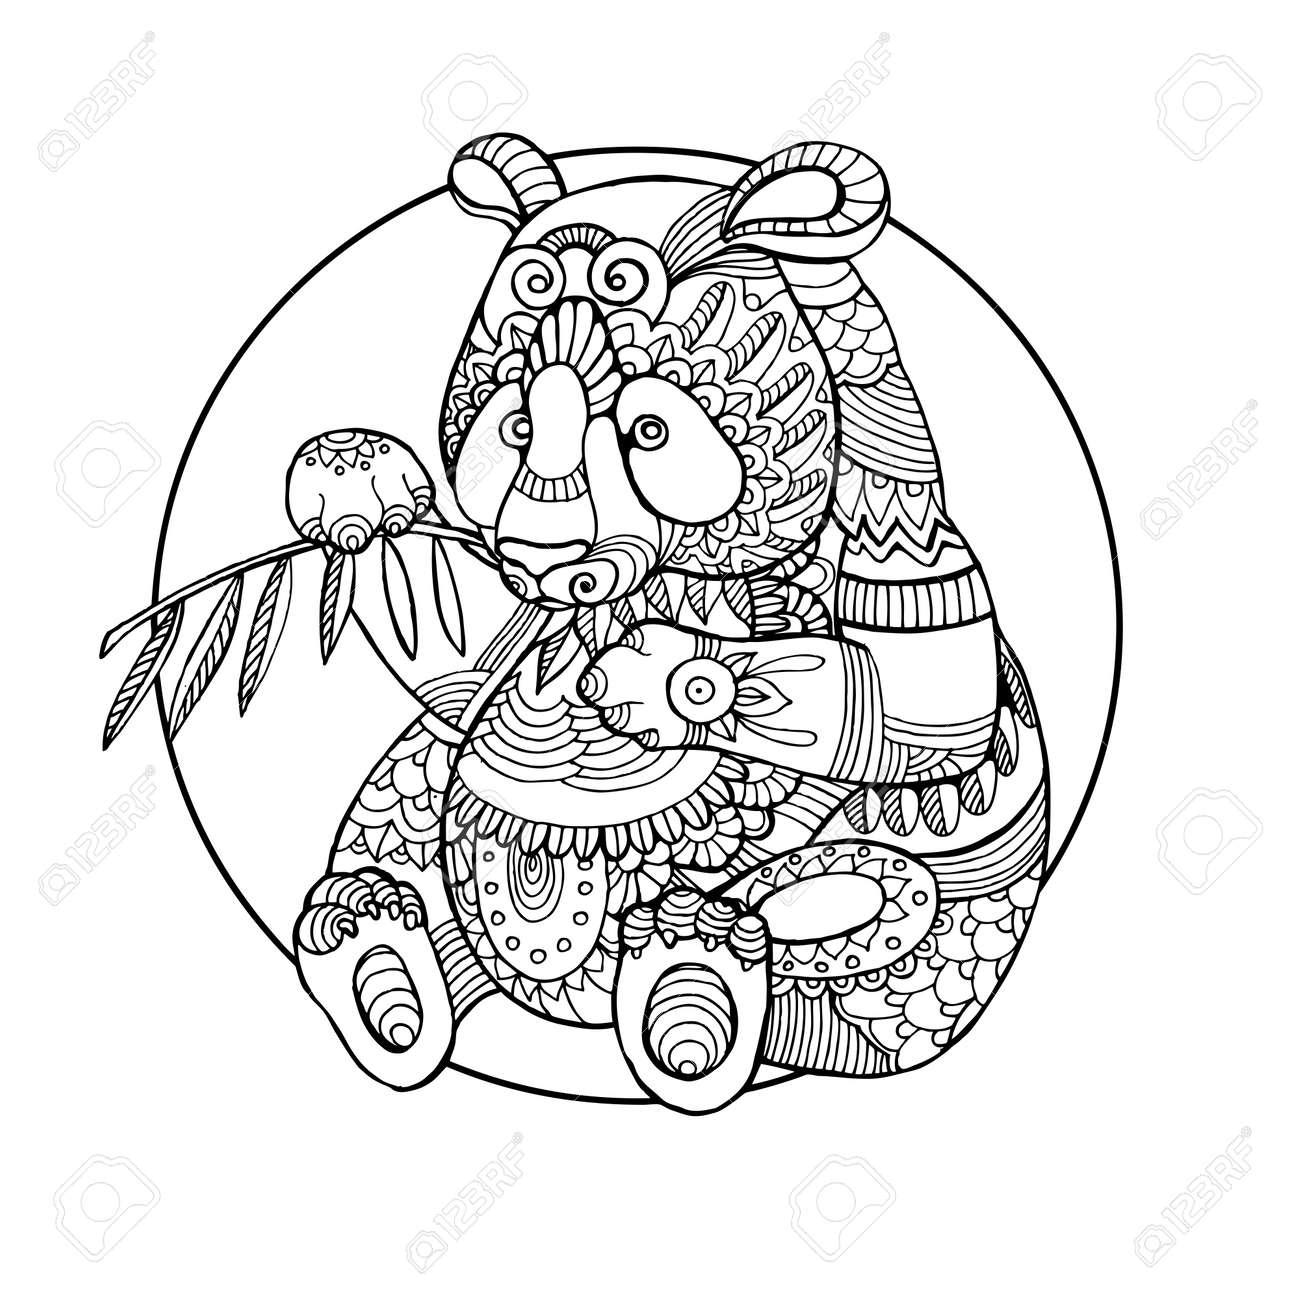 Oso Panda Libro Para Colorear Ilustración Vectorial Ilustraciones